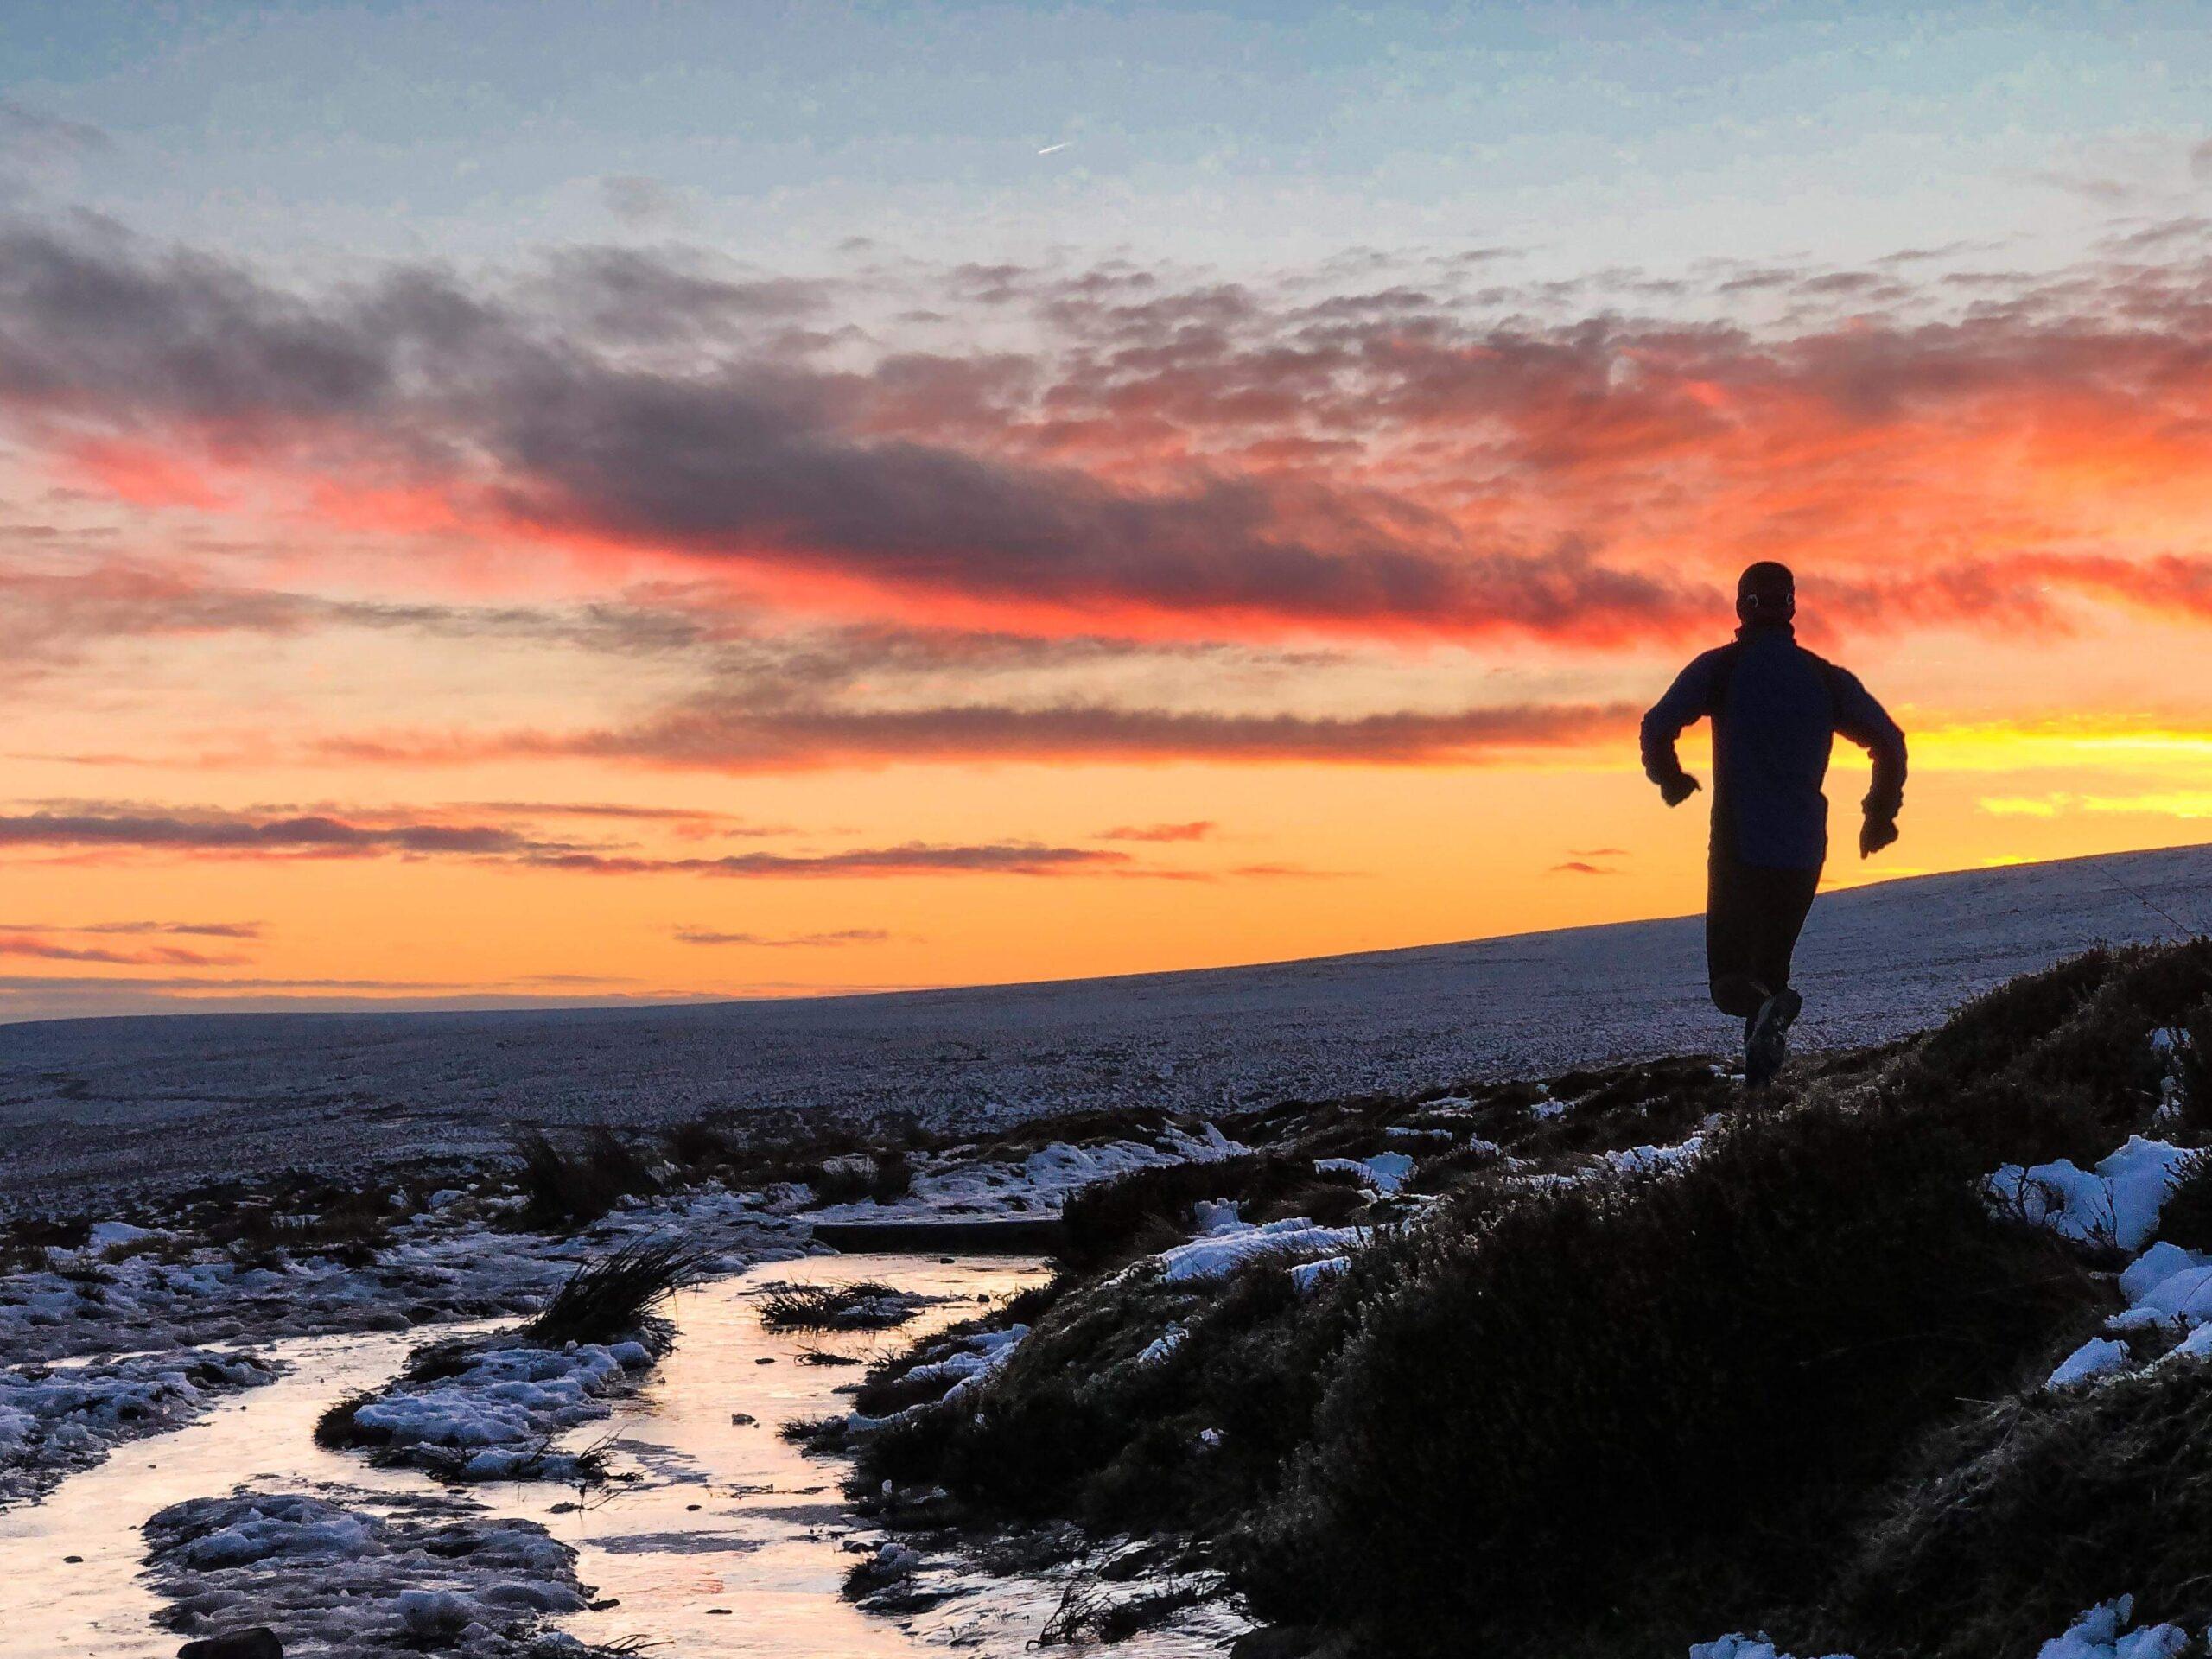 Sunrise run on ice